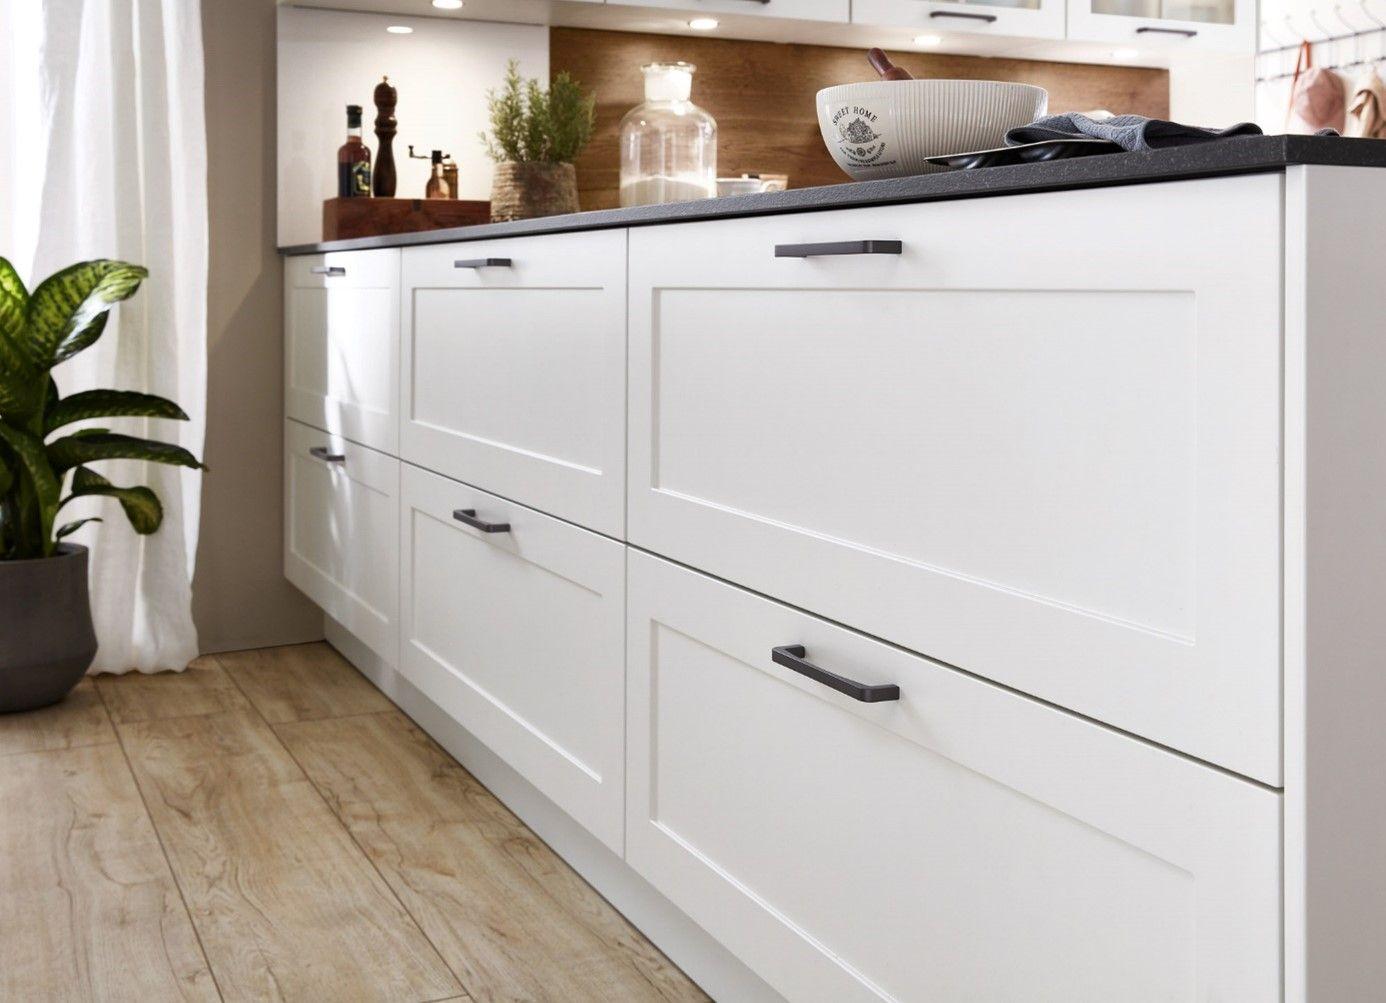 Jakie uchwyty do mebli kuchennych? - Zdjęcie główne